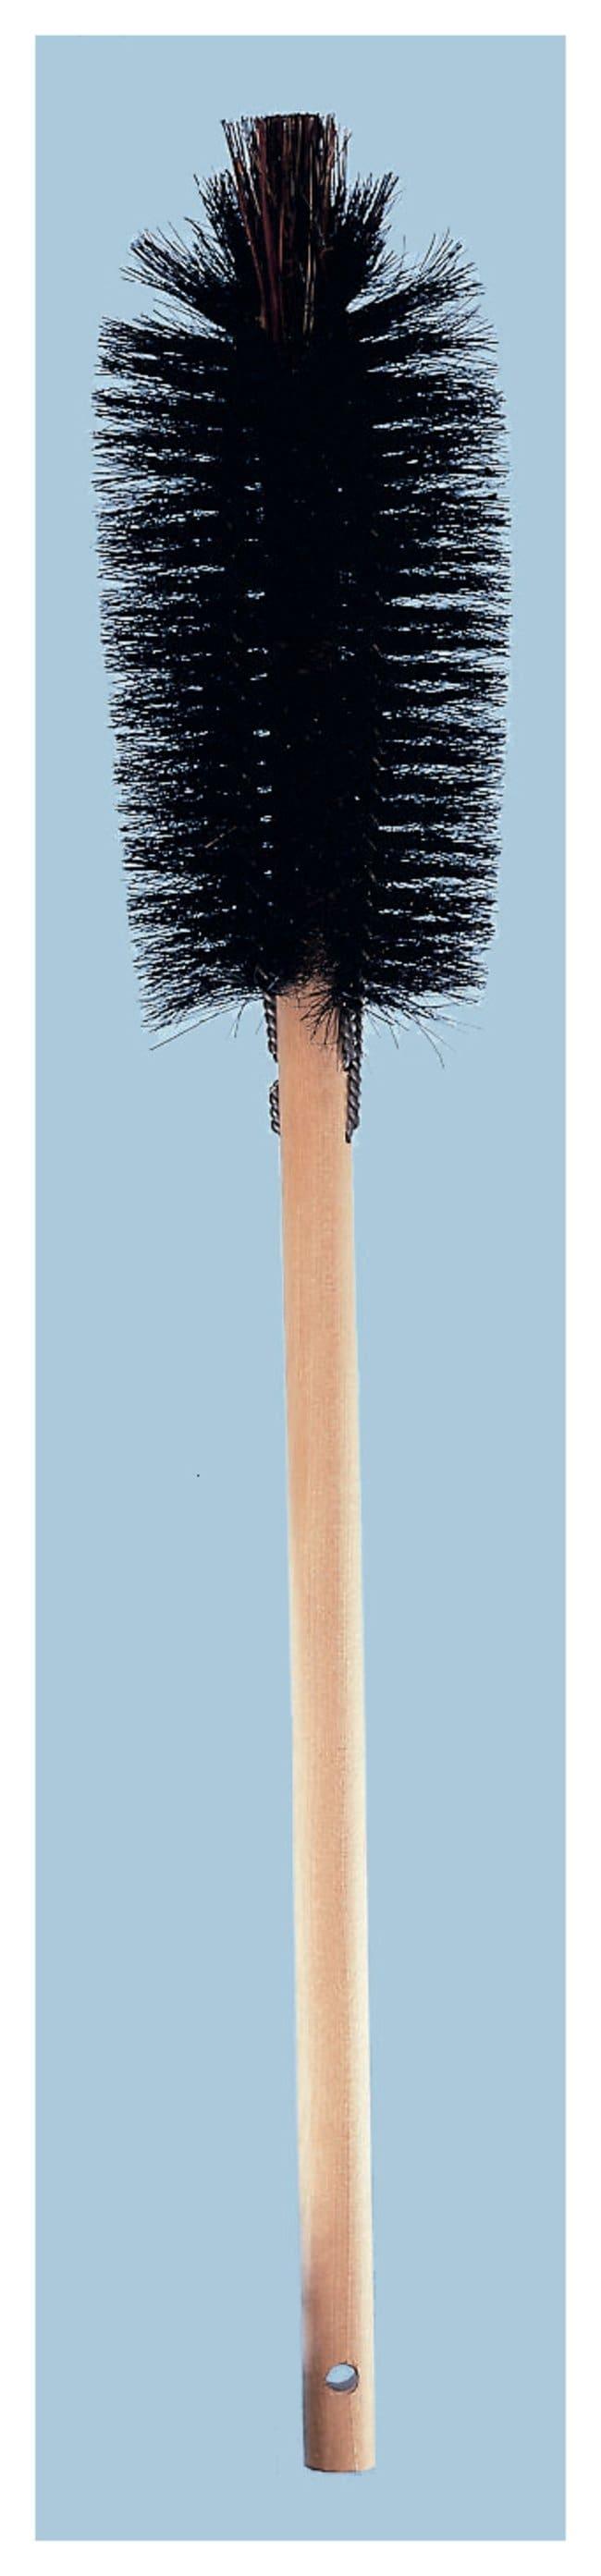 Fisherbrand Beakers Brush Length: 16 in. (40.64cm); Bristle L x Dia.: 15.24